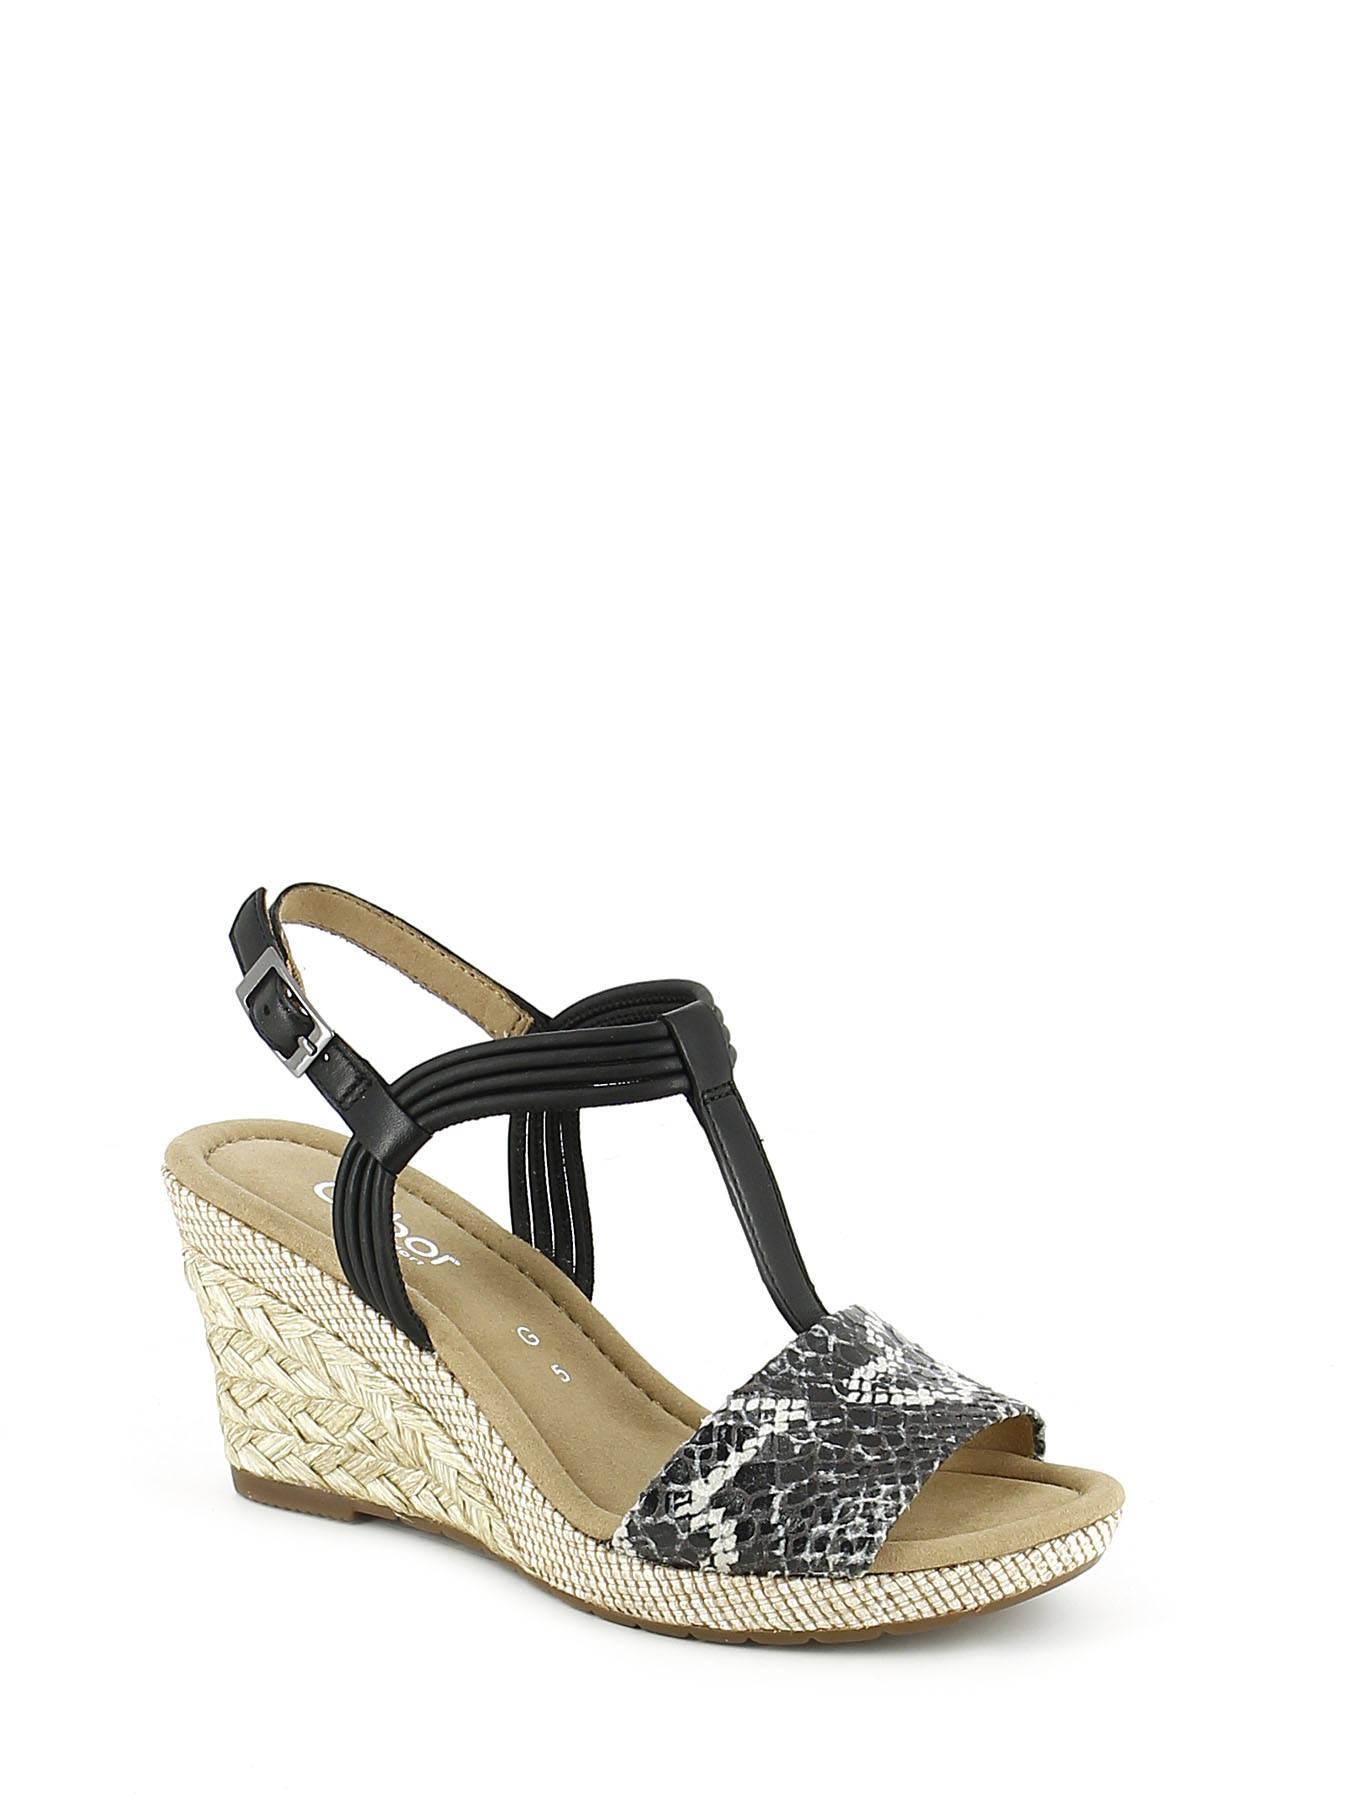 Sandales Avec Ceinture Noire Gabor P3KfibE